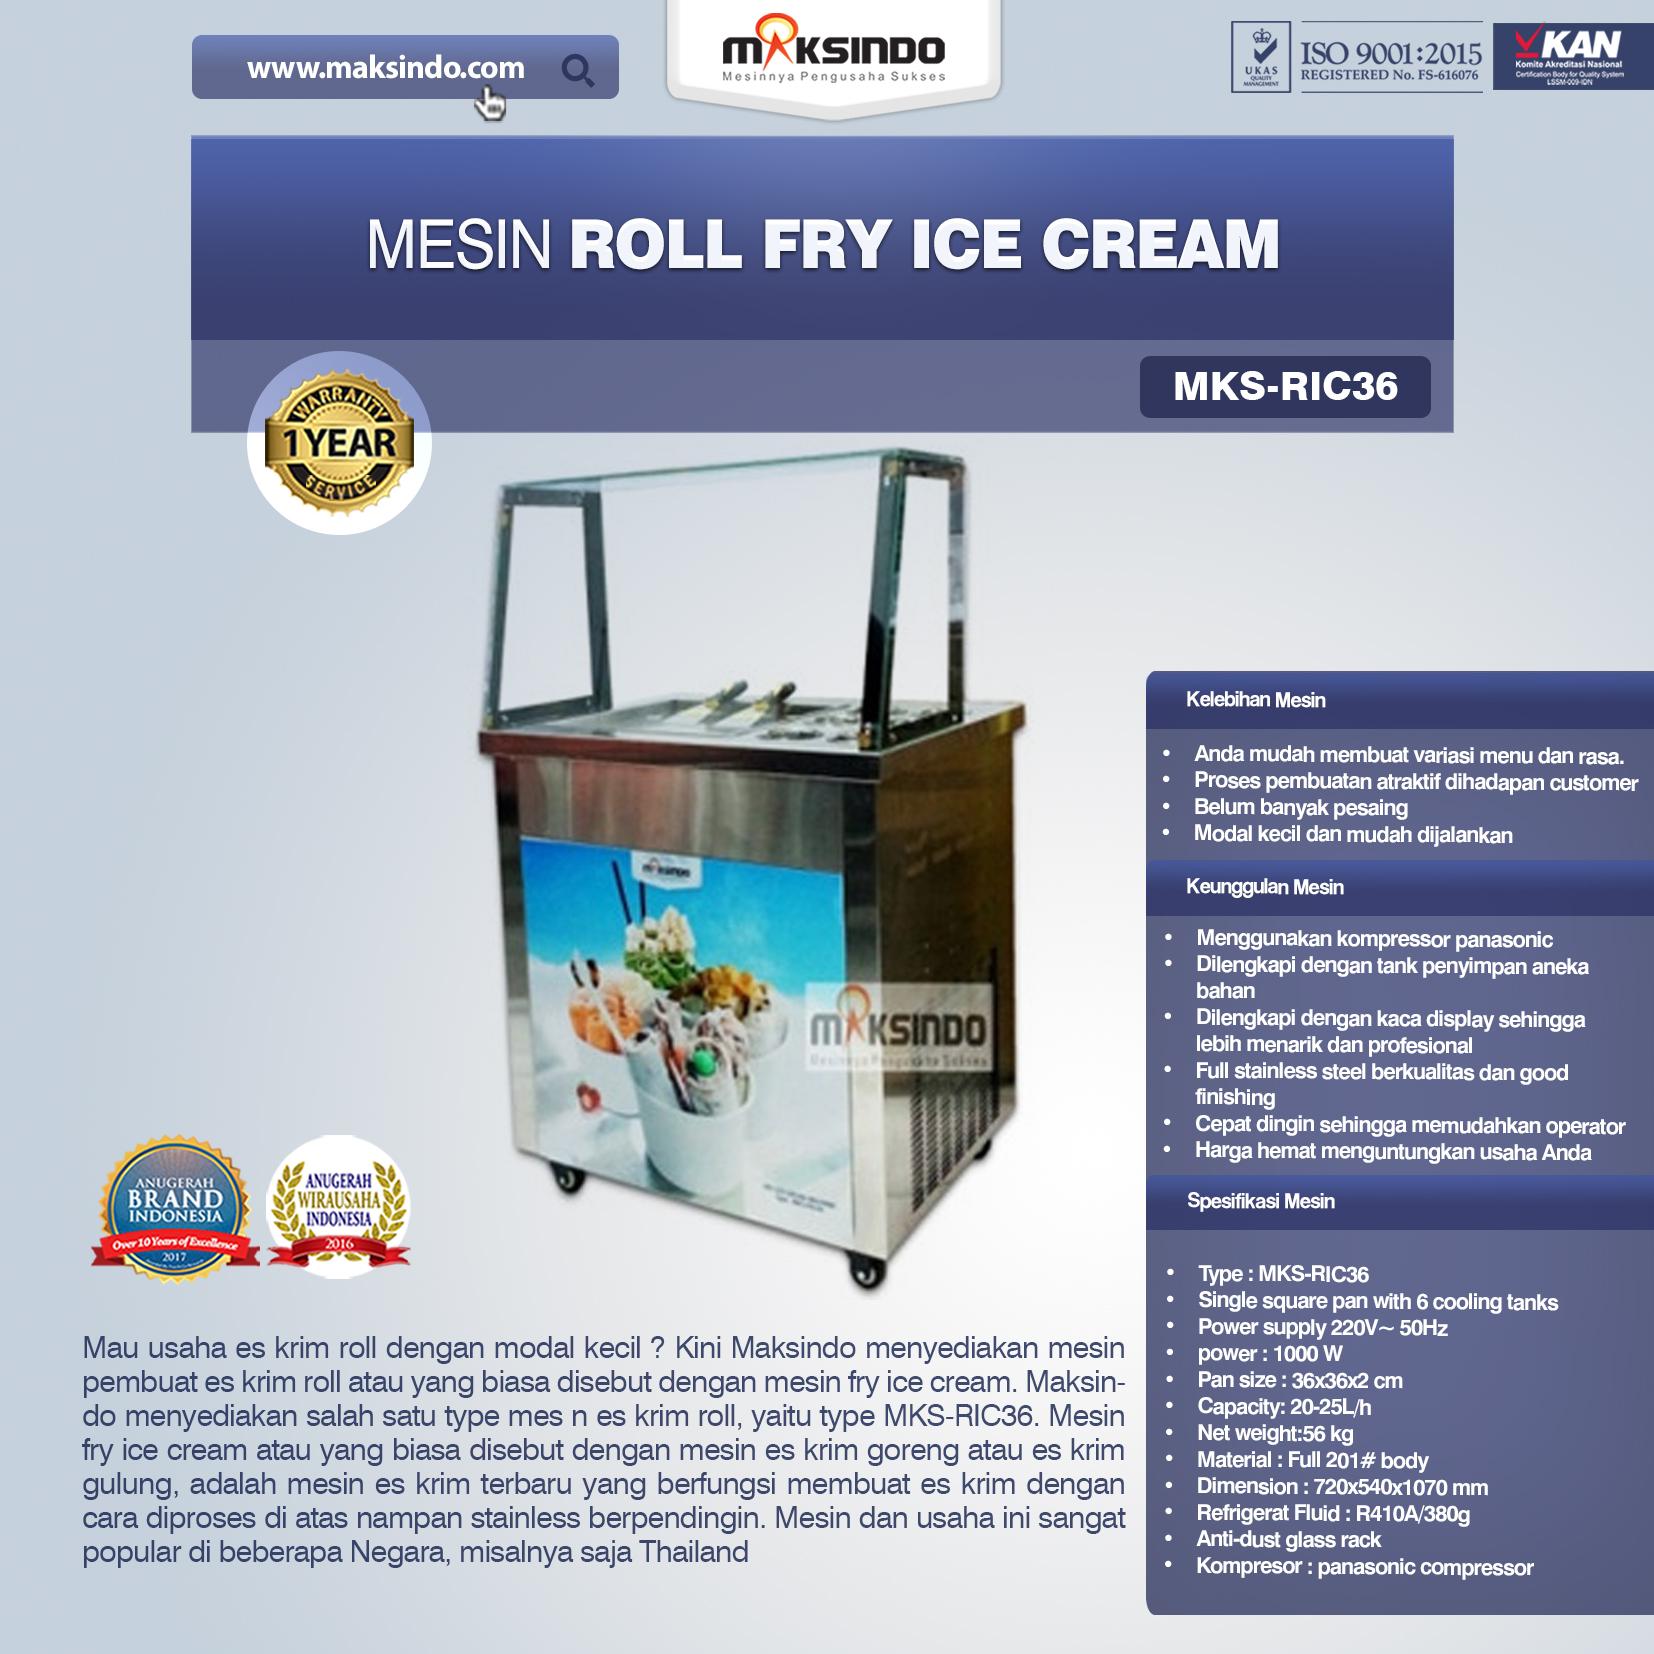 Jual Mesin Roll Fry Ice Cream RIC36 di Malang